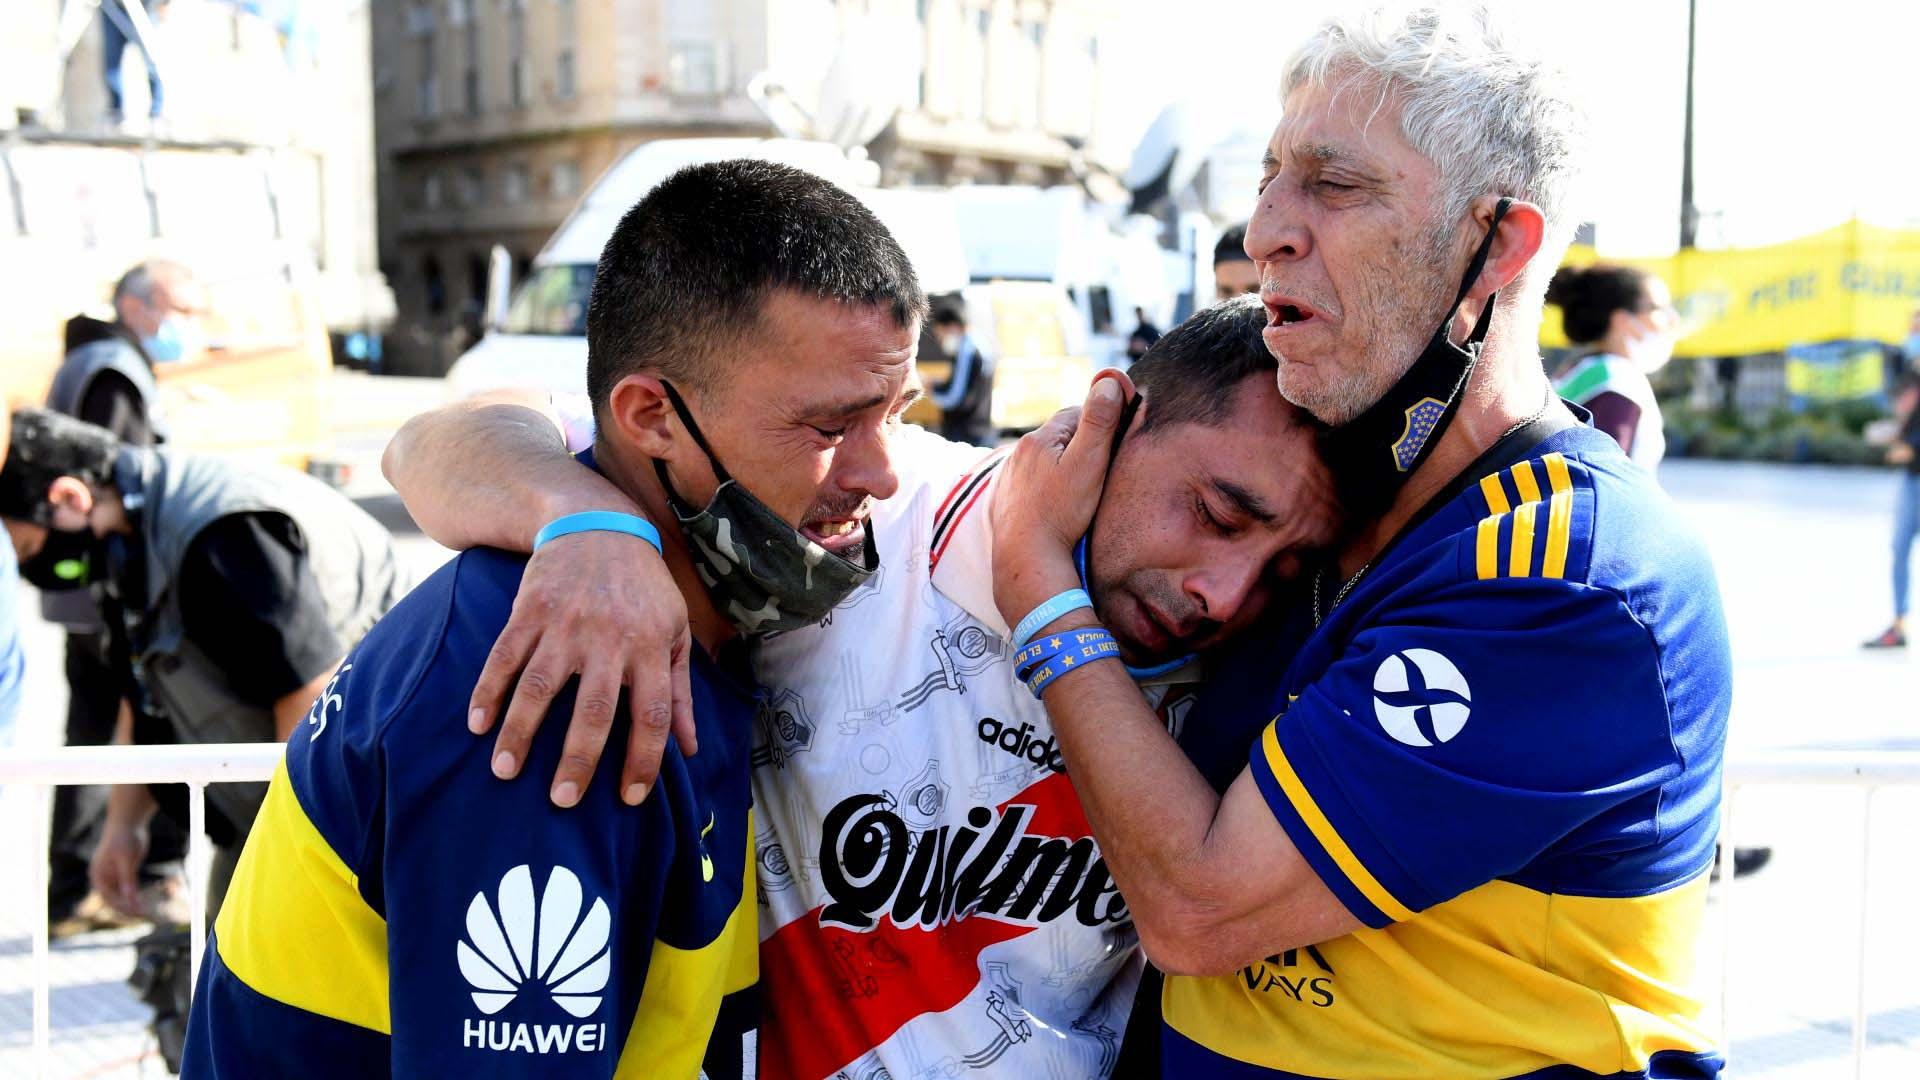 La foto que recurrió el mundo: un hincha de River abraza y es abrazado por dos hinchas de Boca a la salida del velatorio de Diego Armando Maradona organizado en la Casa Rosada el 26 de noviembre